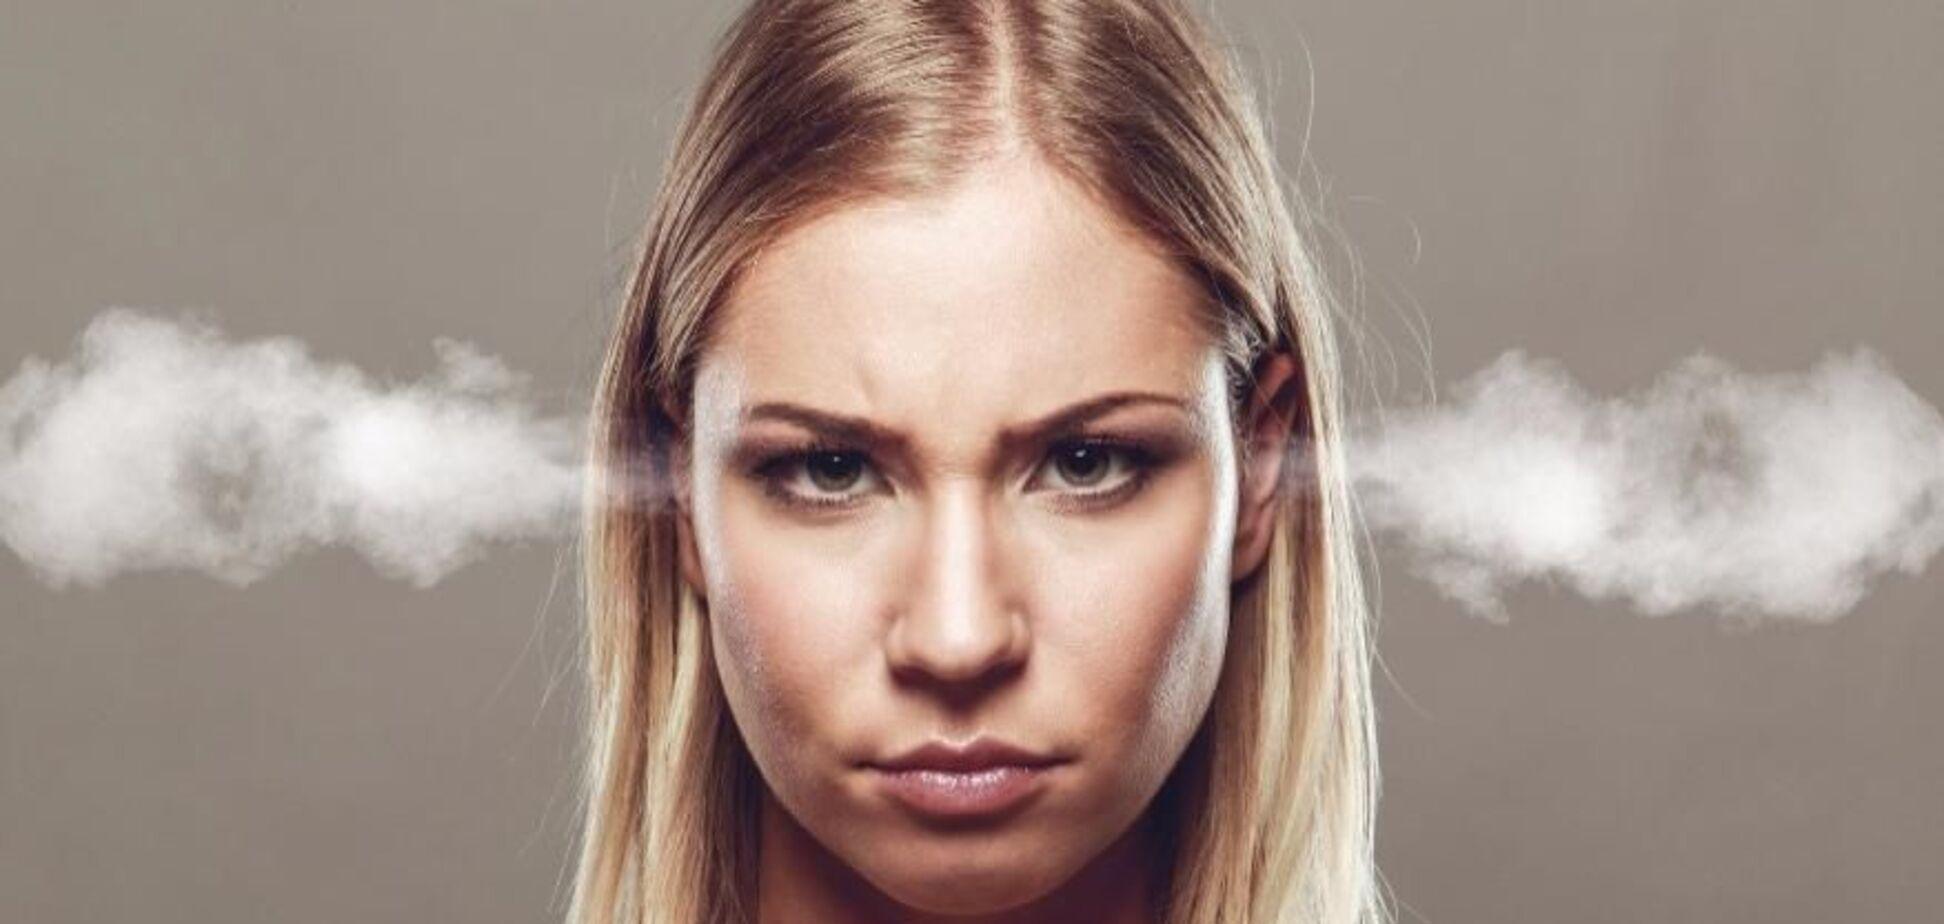 50 оттенков раздражения молодой мамы: как справиться